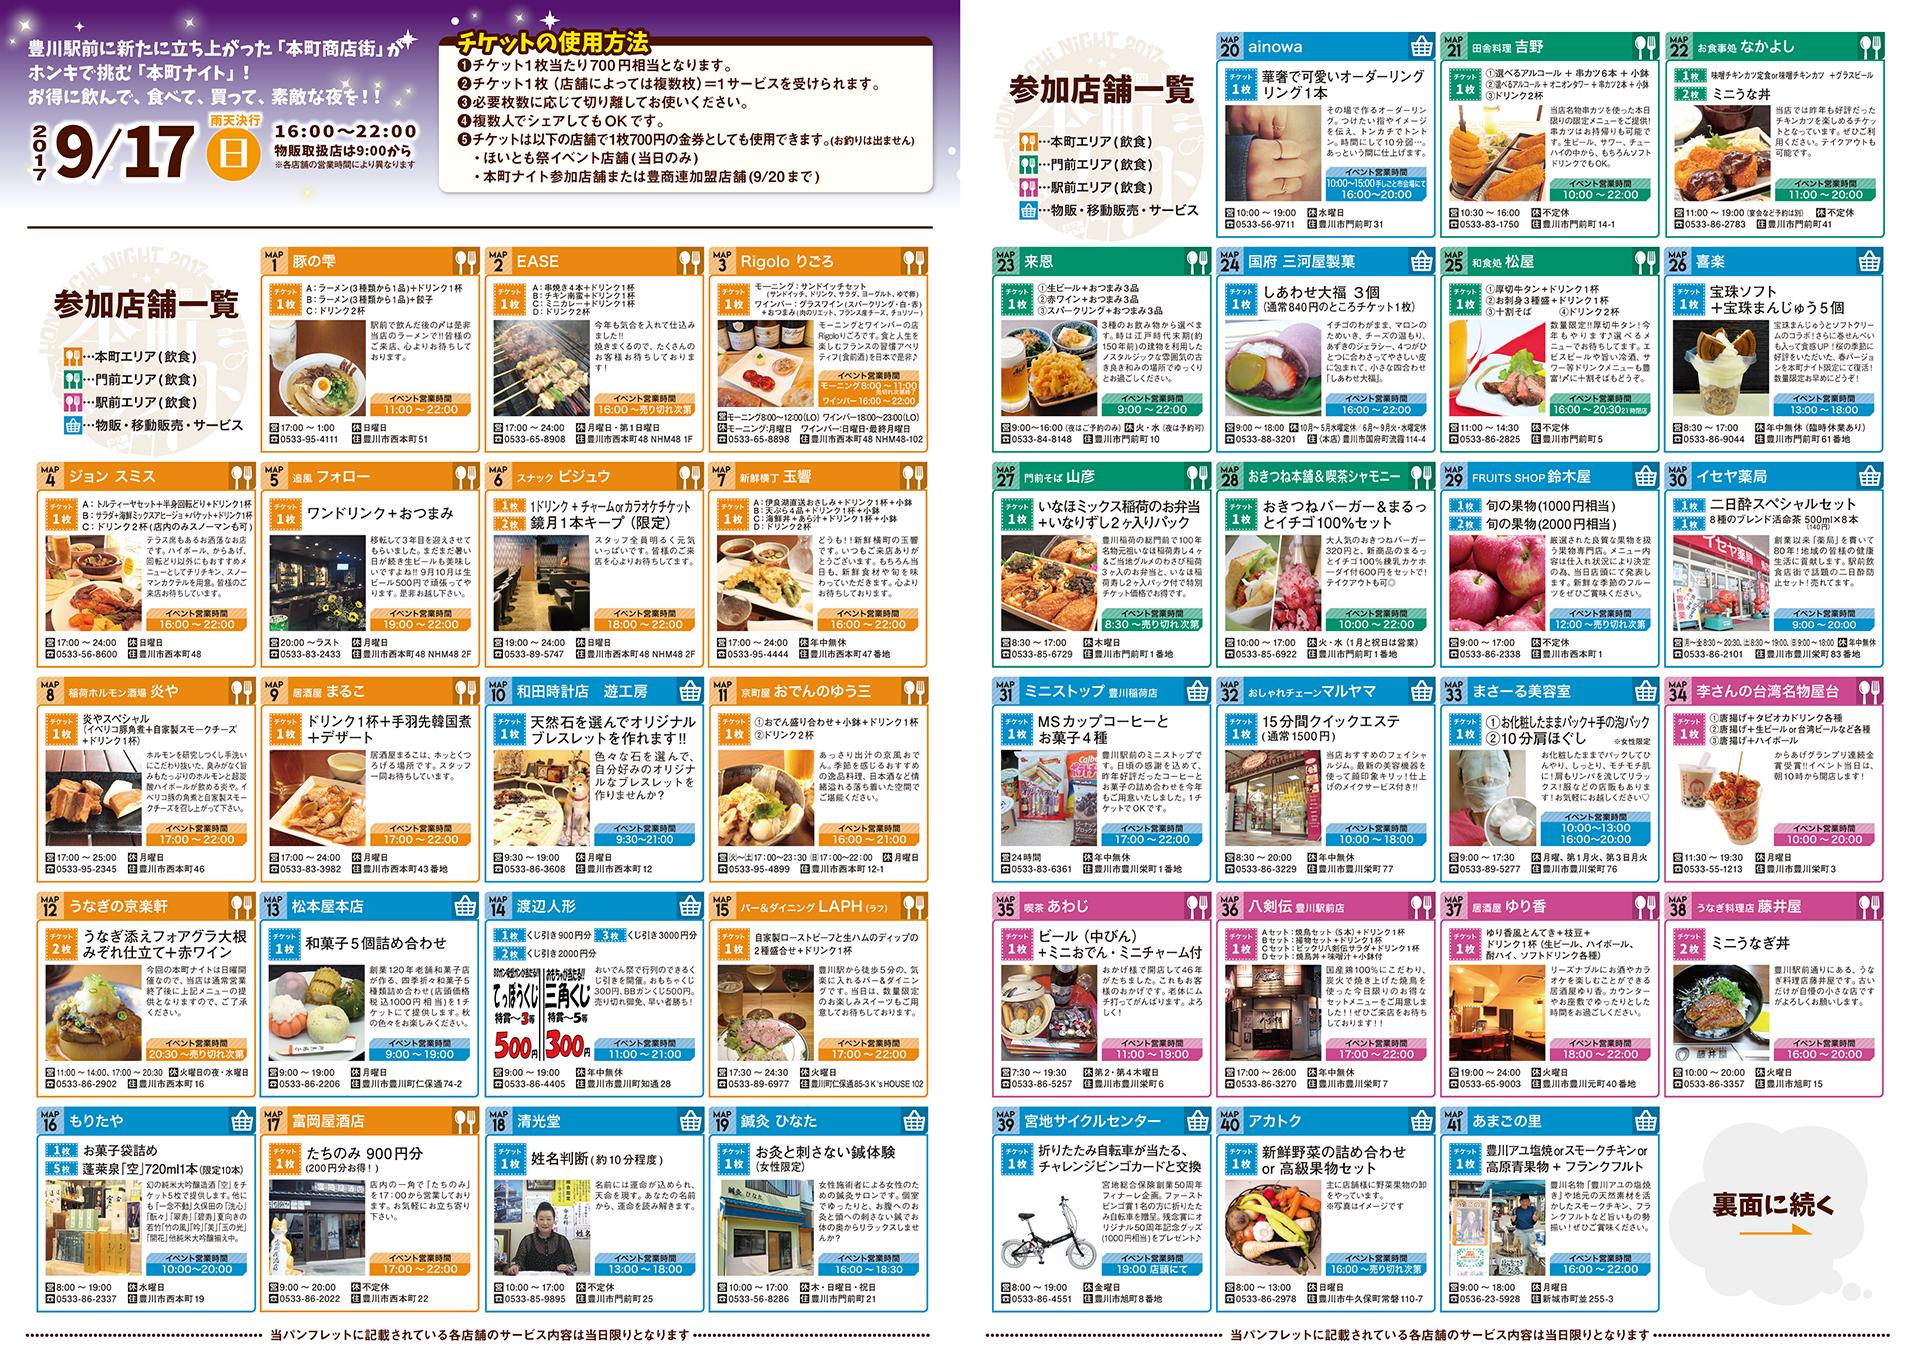 豊川市 商店街 本町商店街 本町ナイト2017 ガイドマップ-2